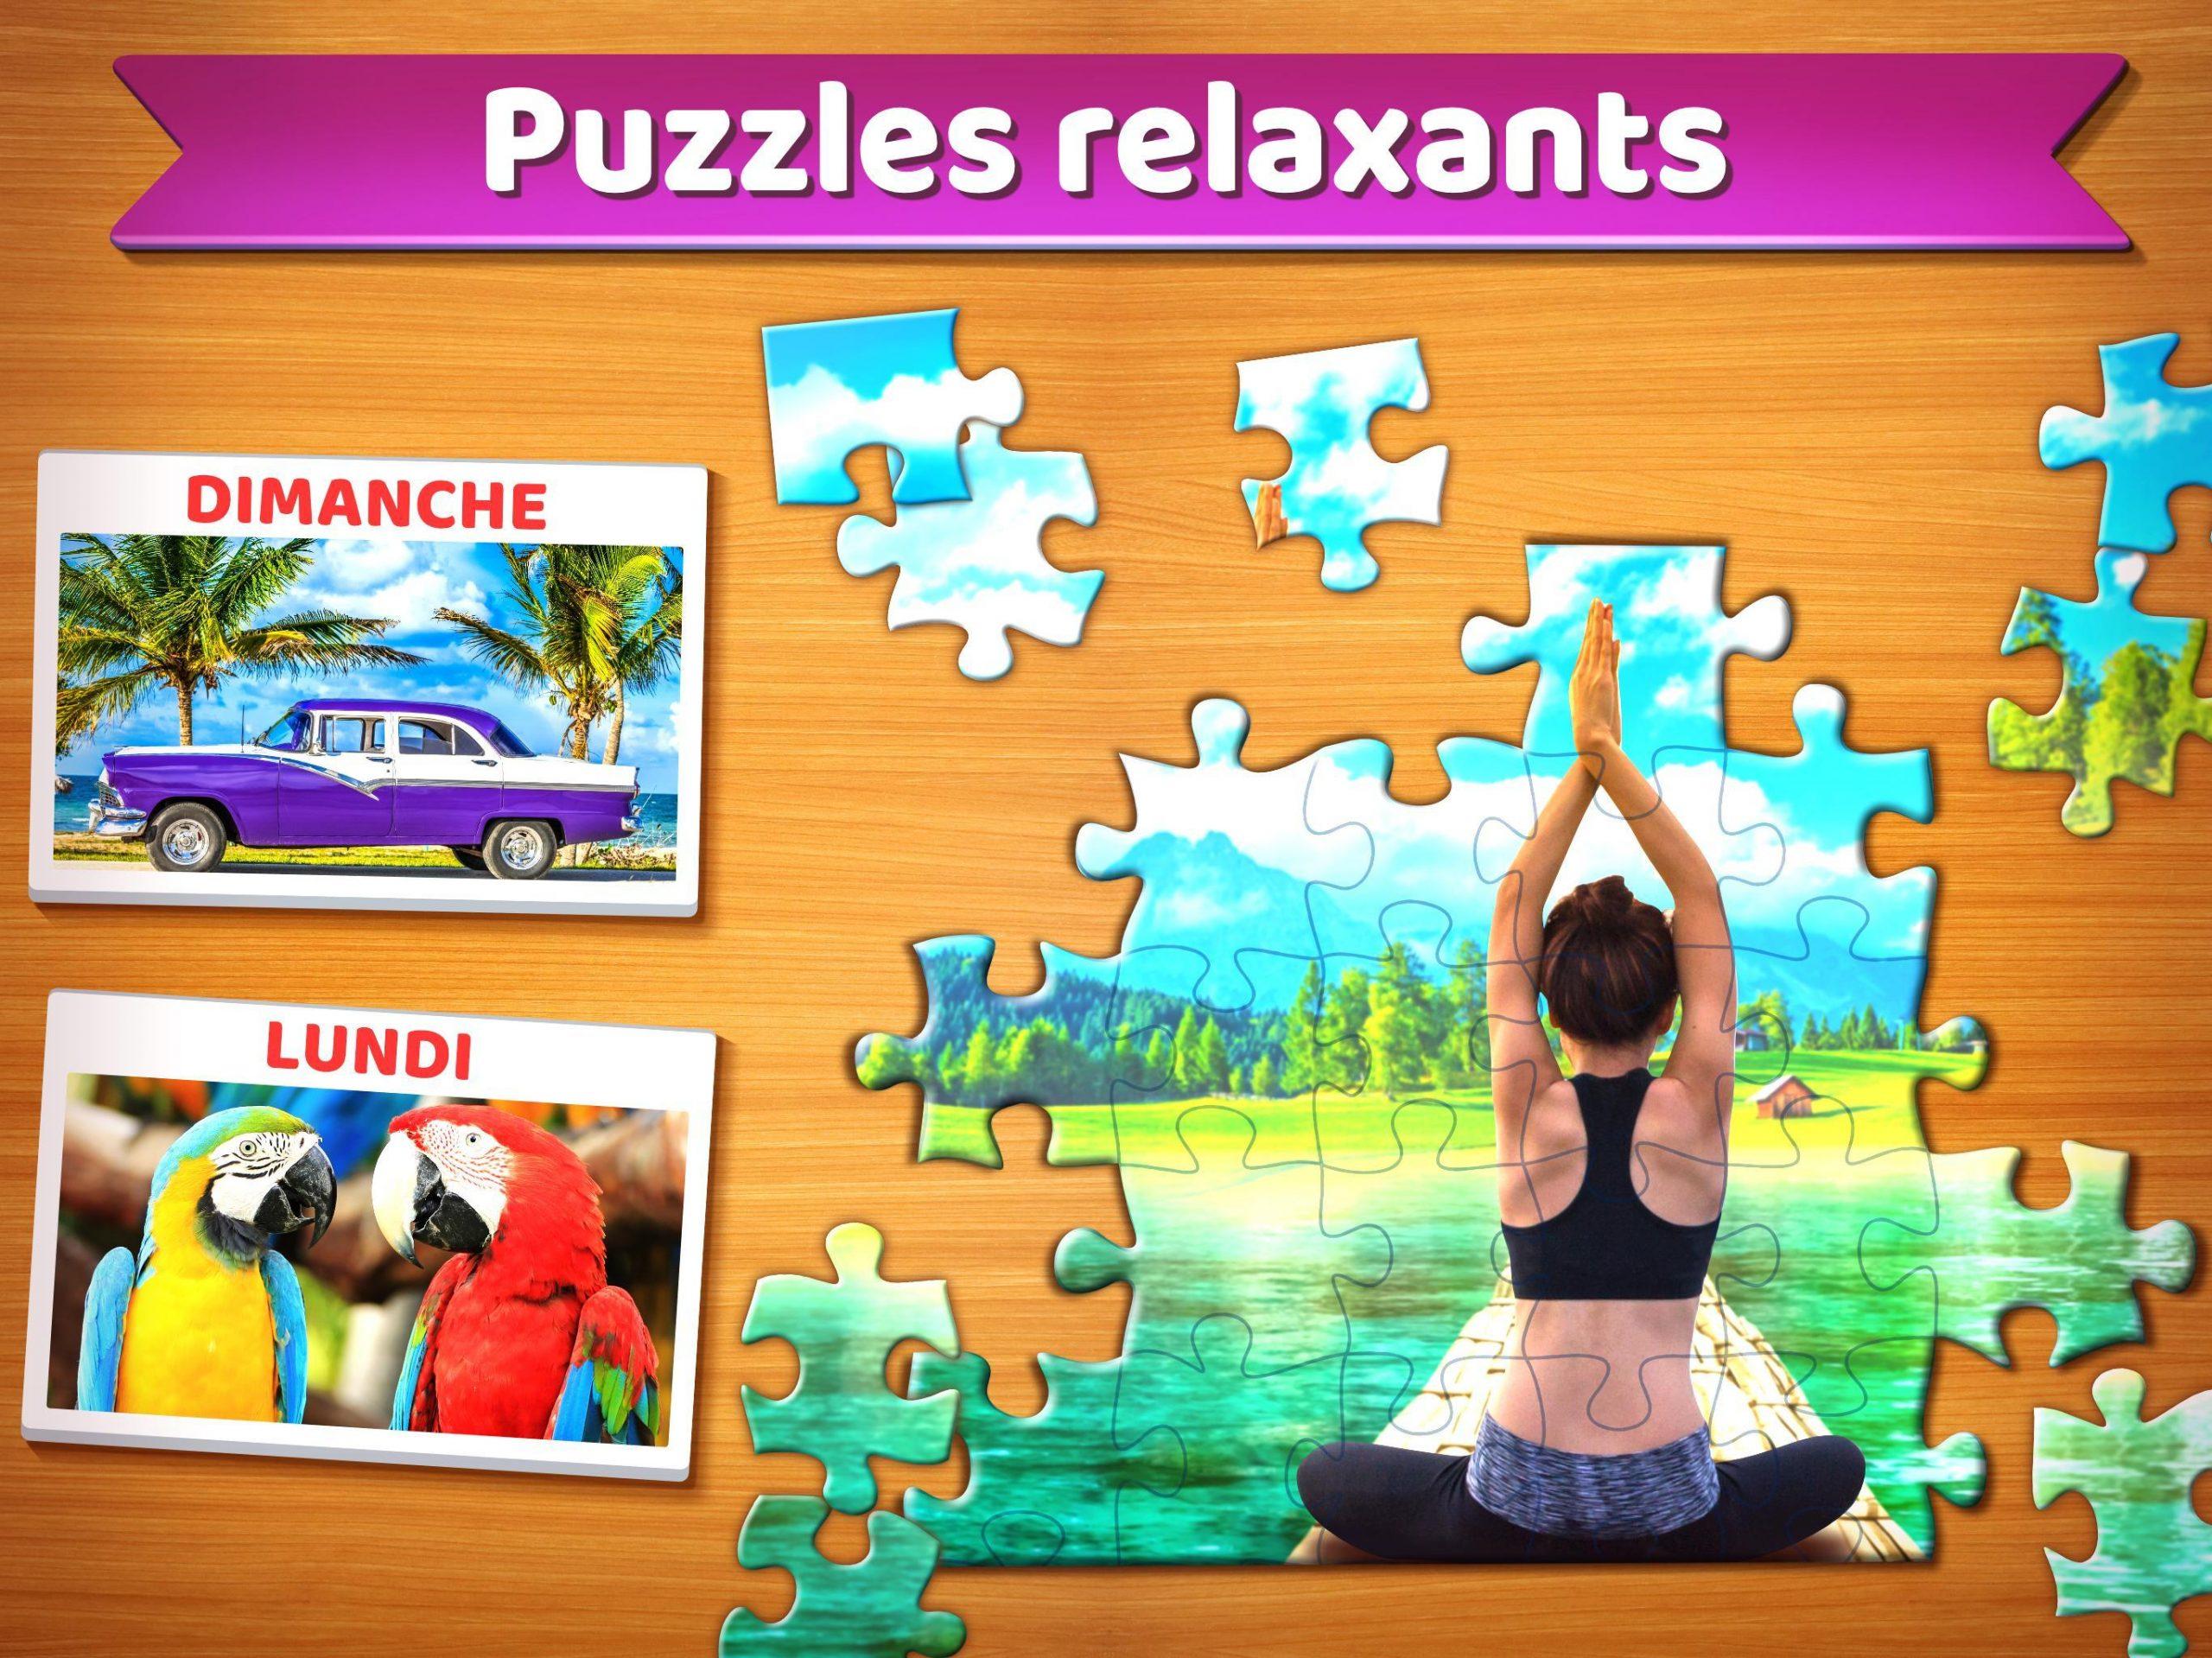 Puzzle 🧩 - Jeux De Puzzle Gratuit Pour Android tout Jeu De Puzzl Gratuit